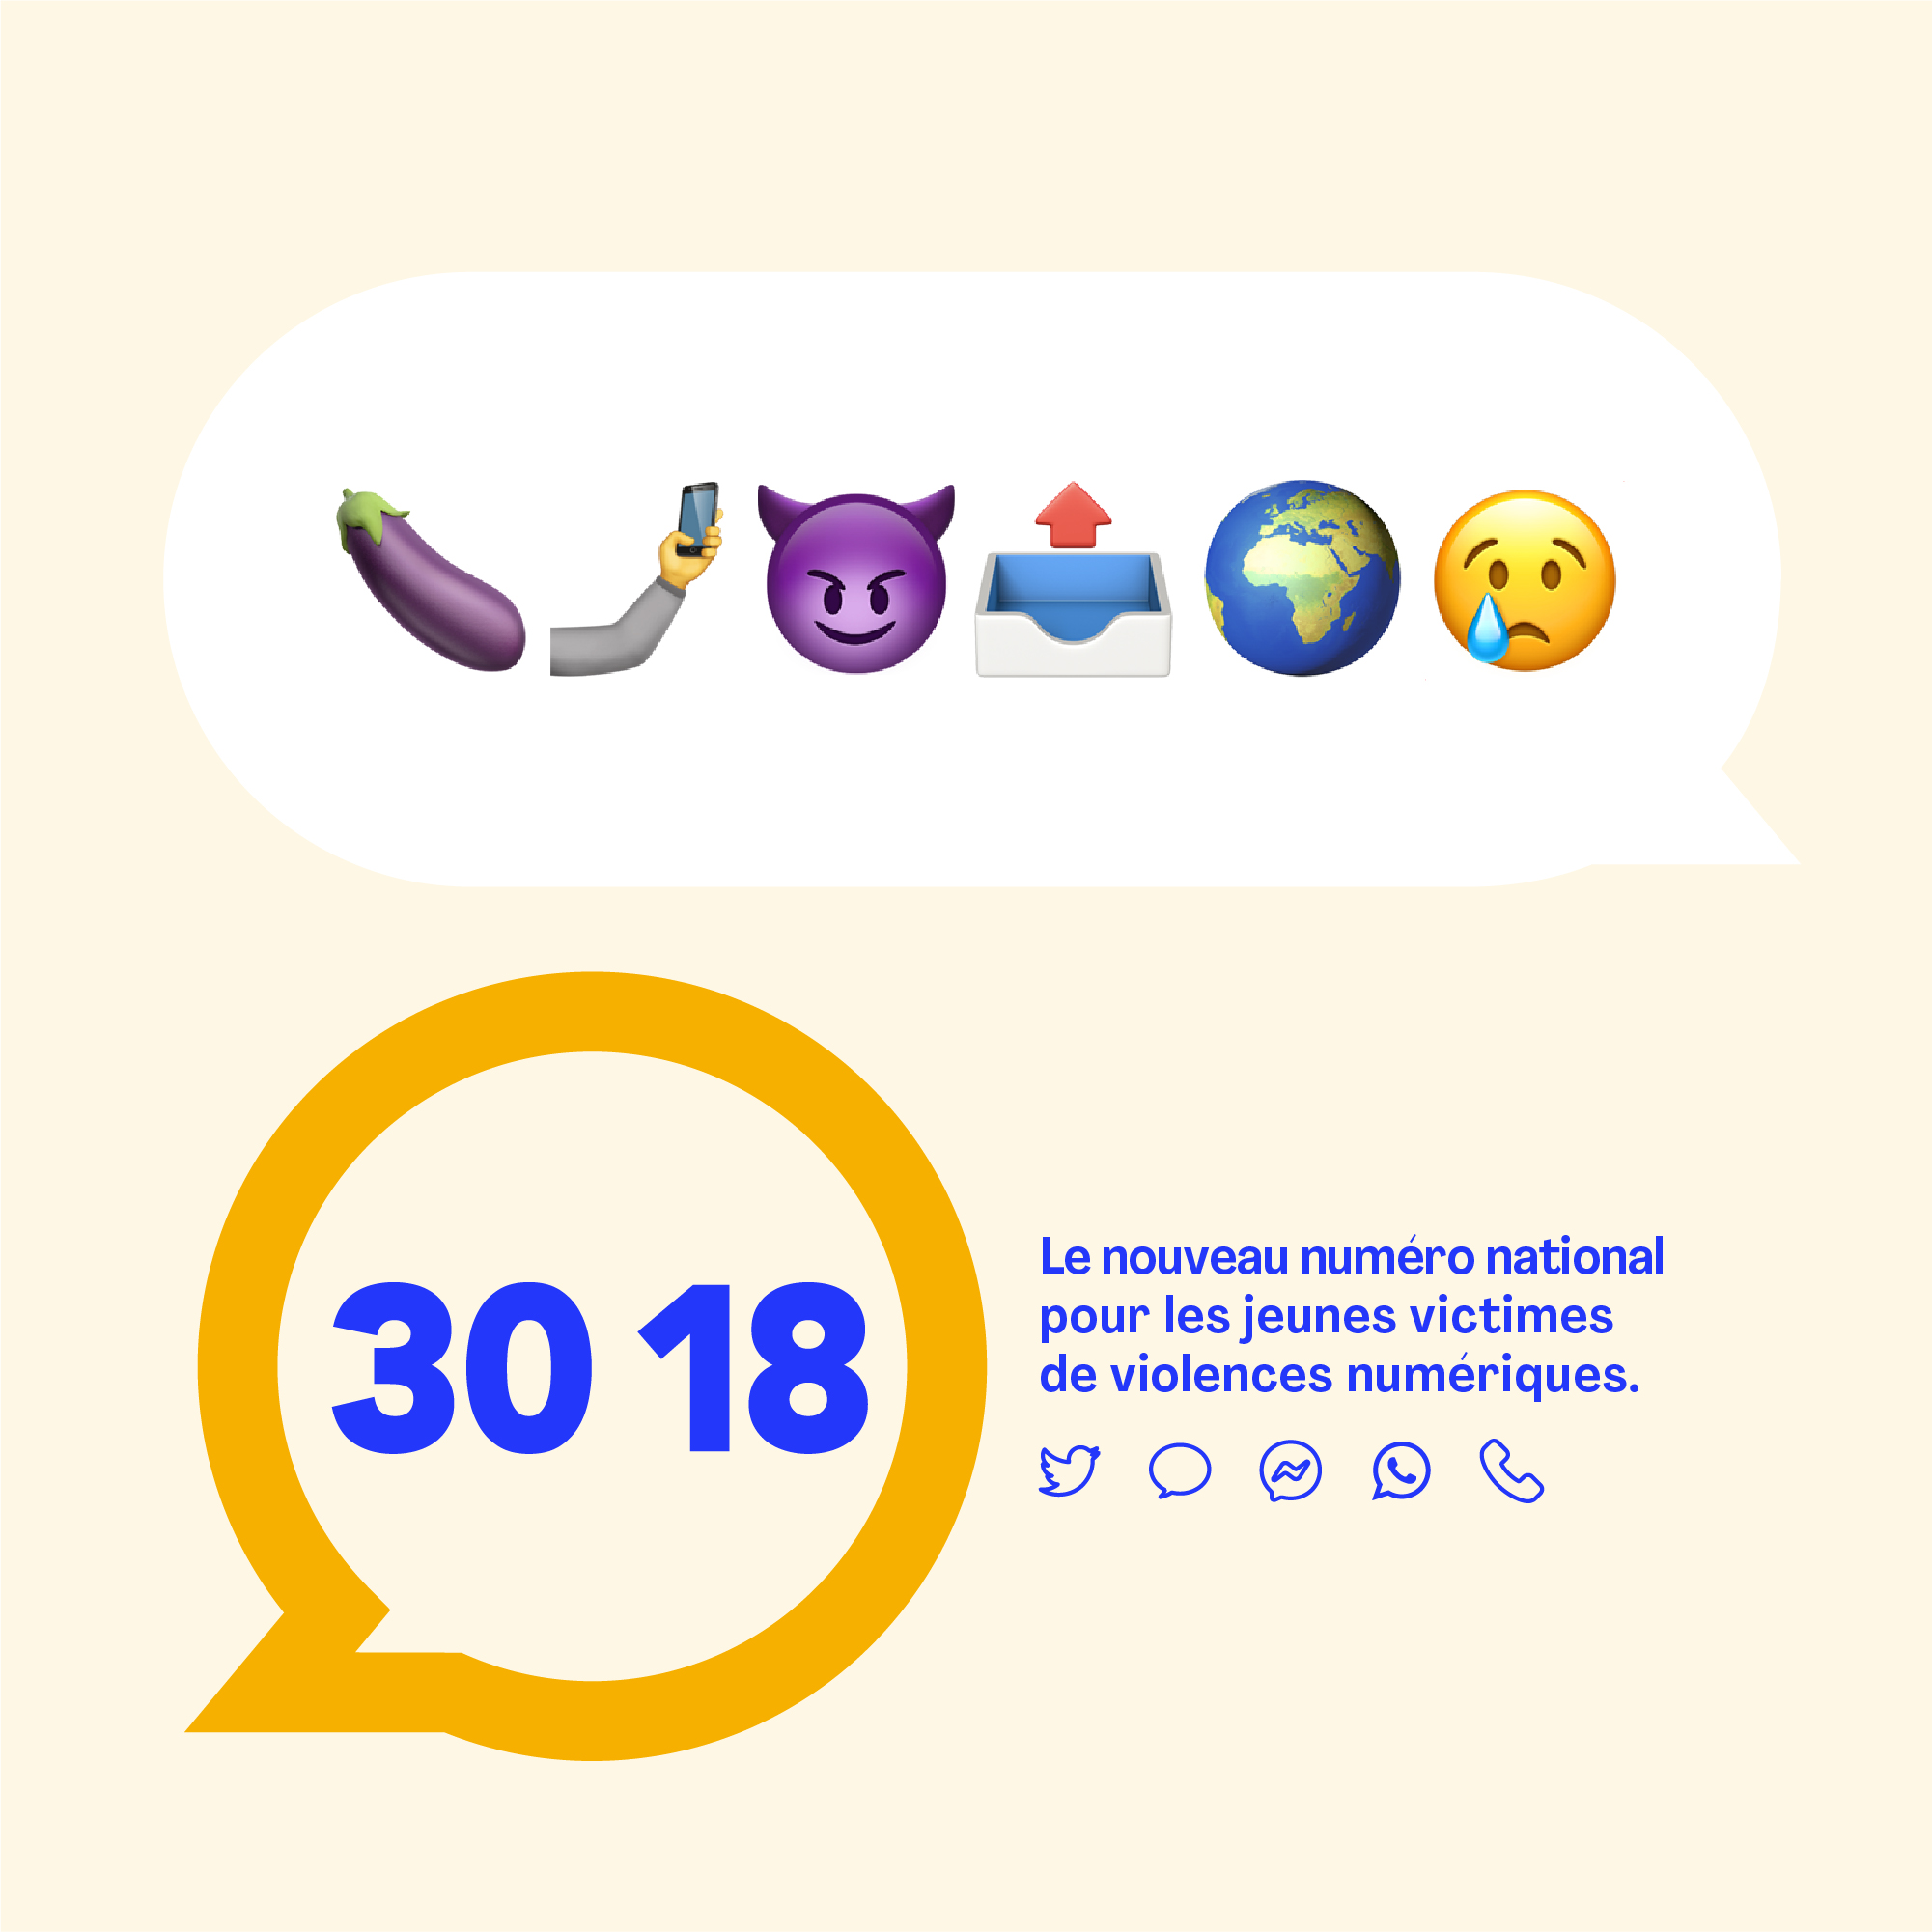 Le 3018, le numéro national contre les violences numériques